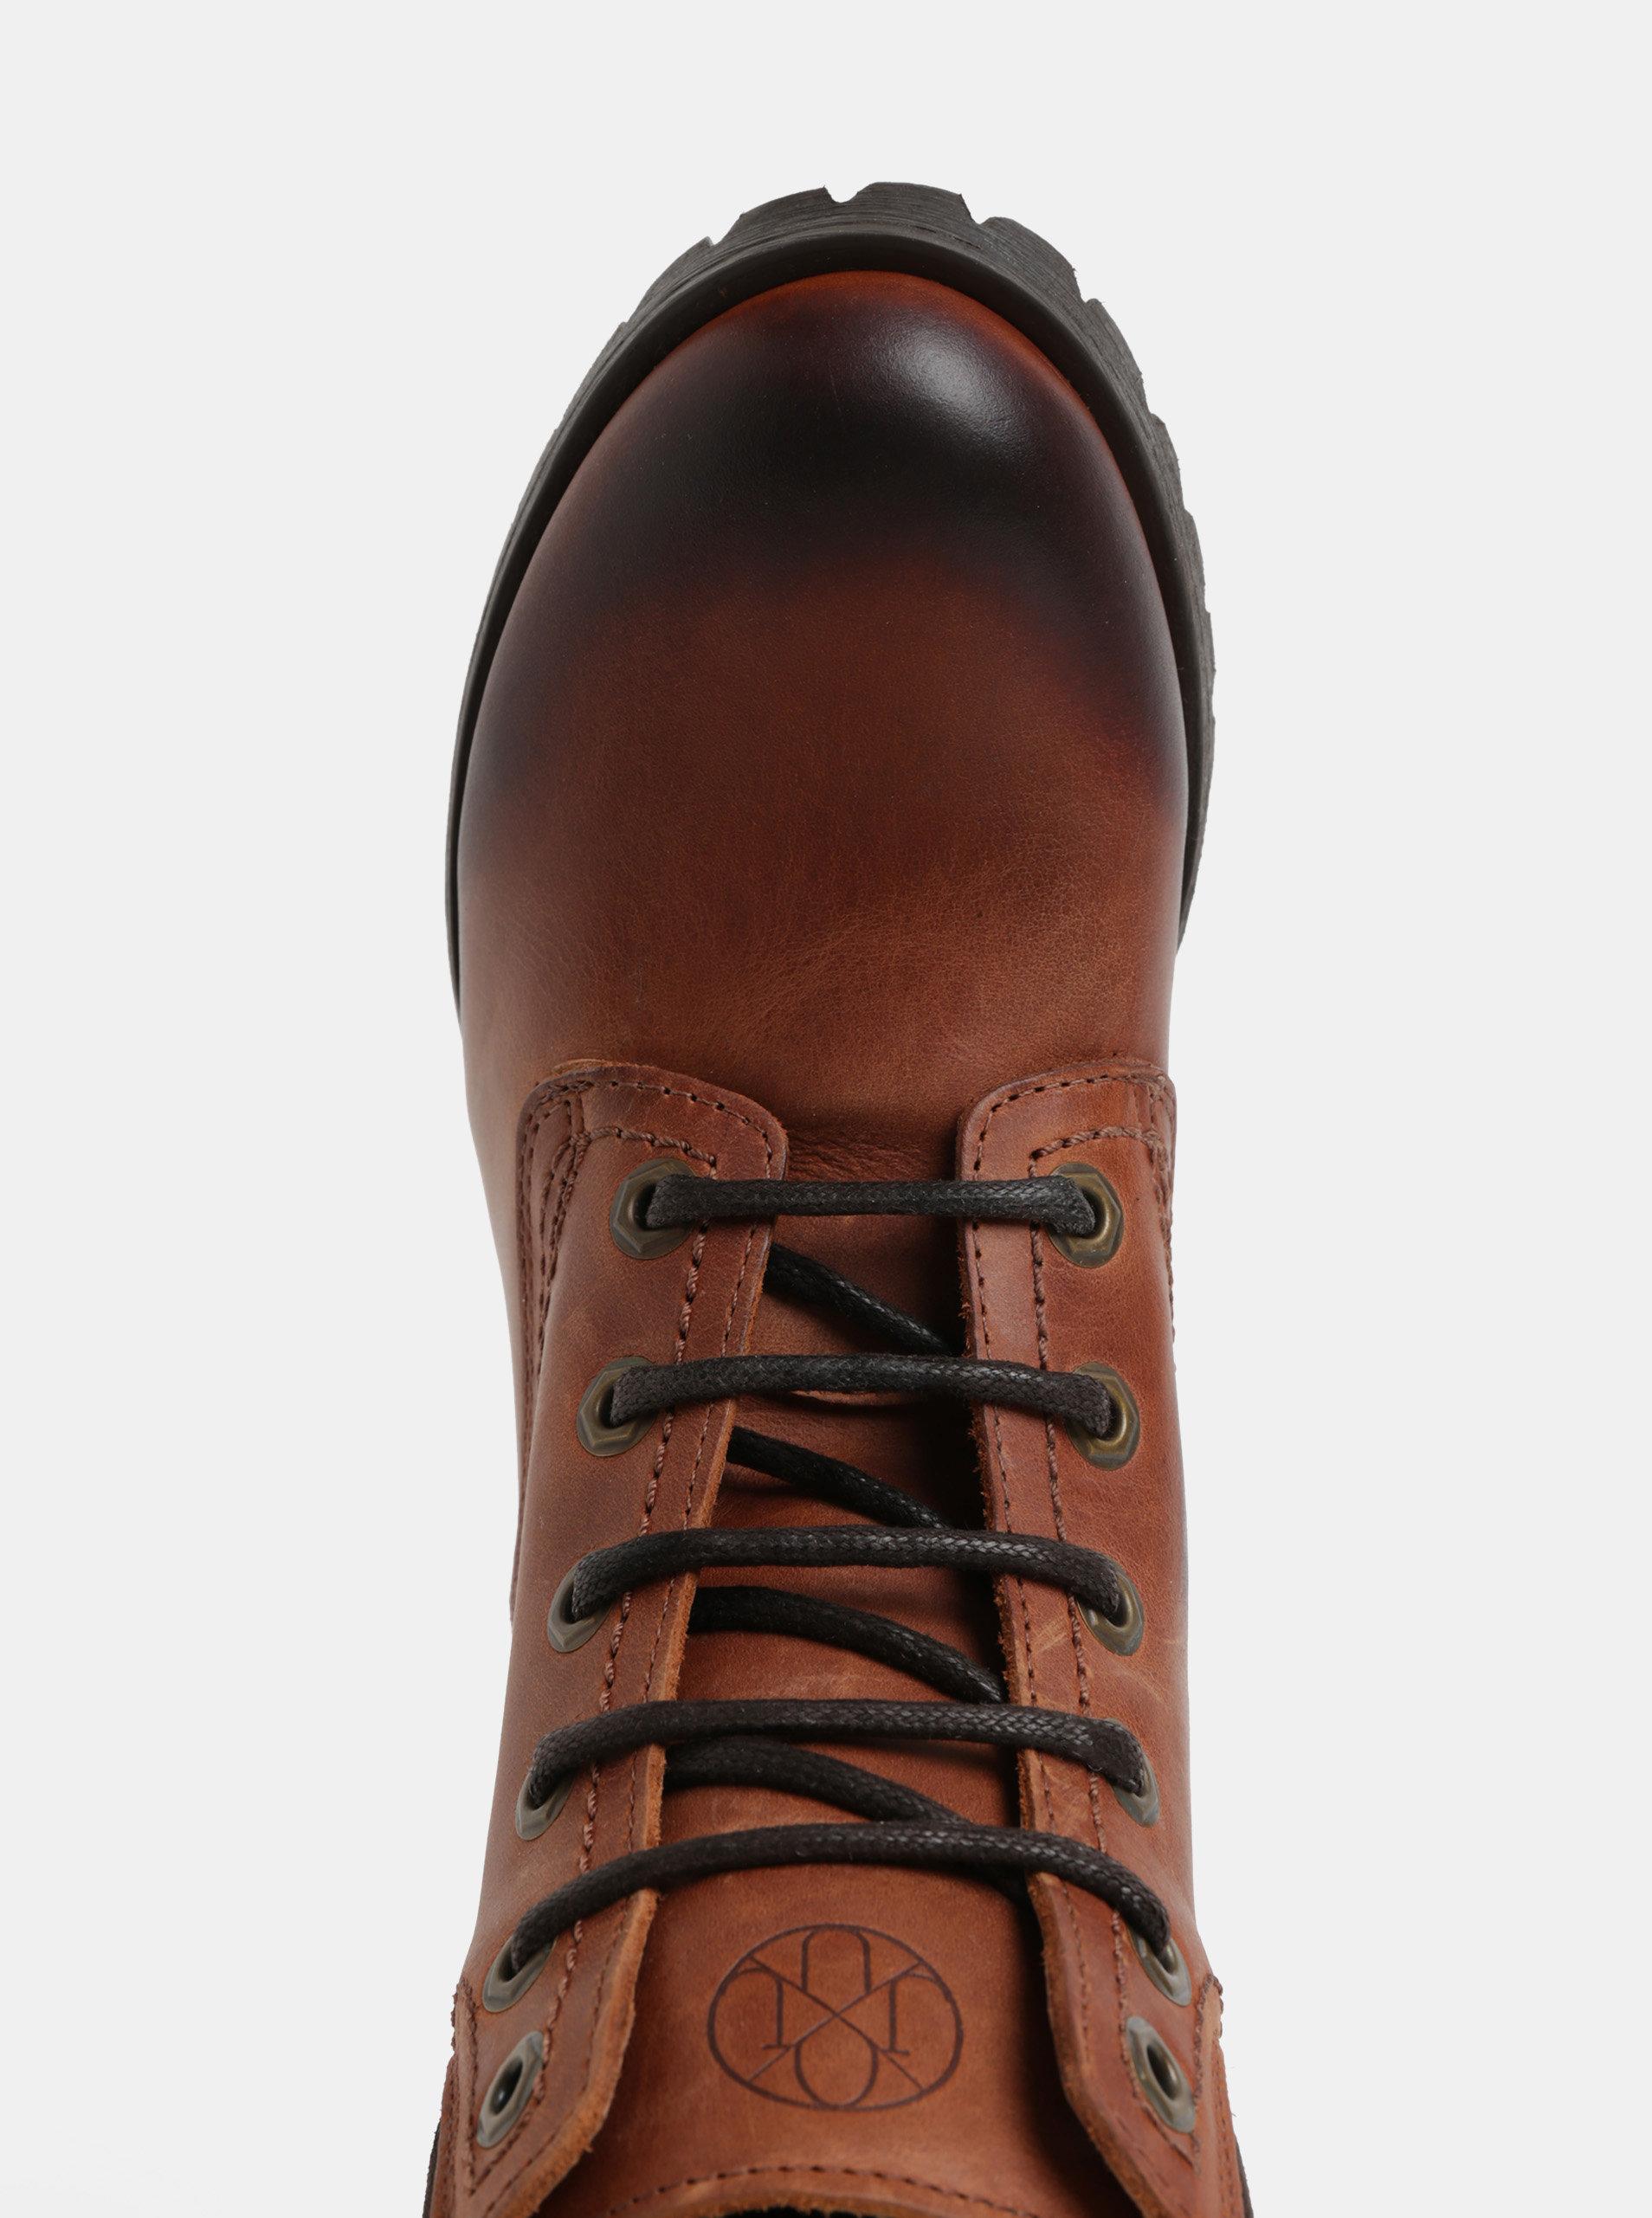 f14a005c3d53 Hnedé kožené členkové topánky so semišovými detailmi OJJU ...